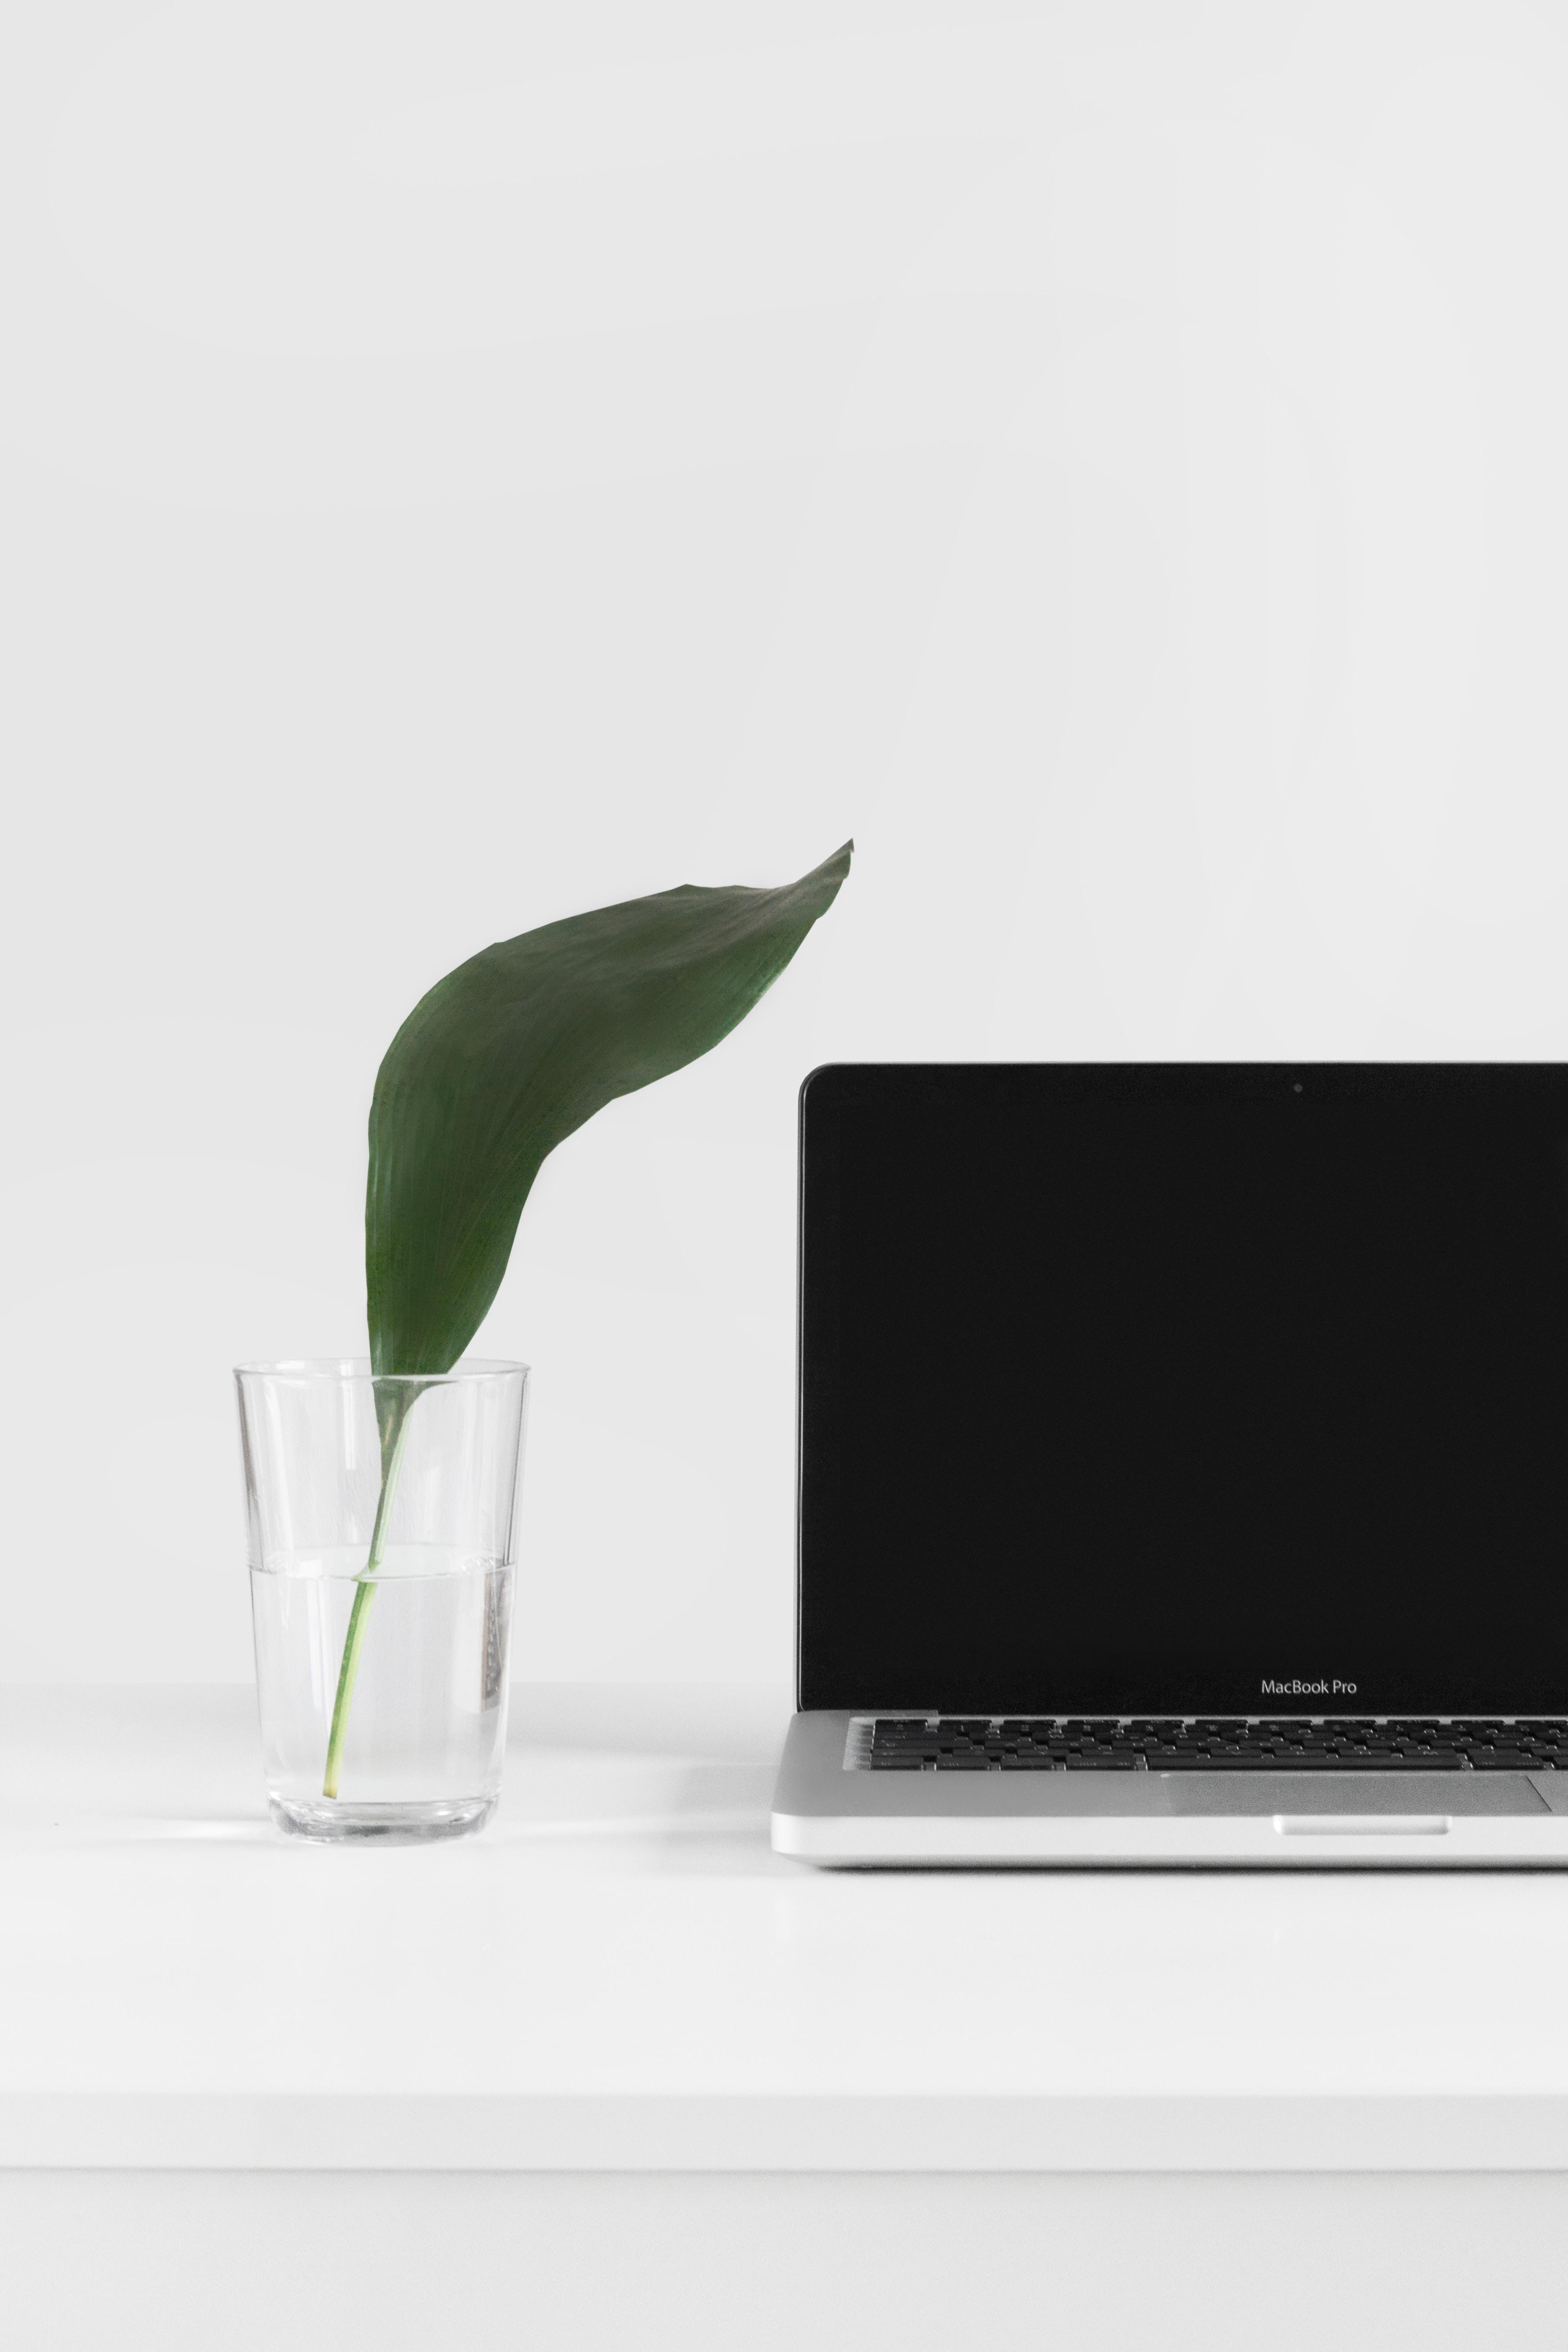 Fresh leaf near a MacBook